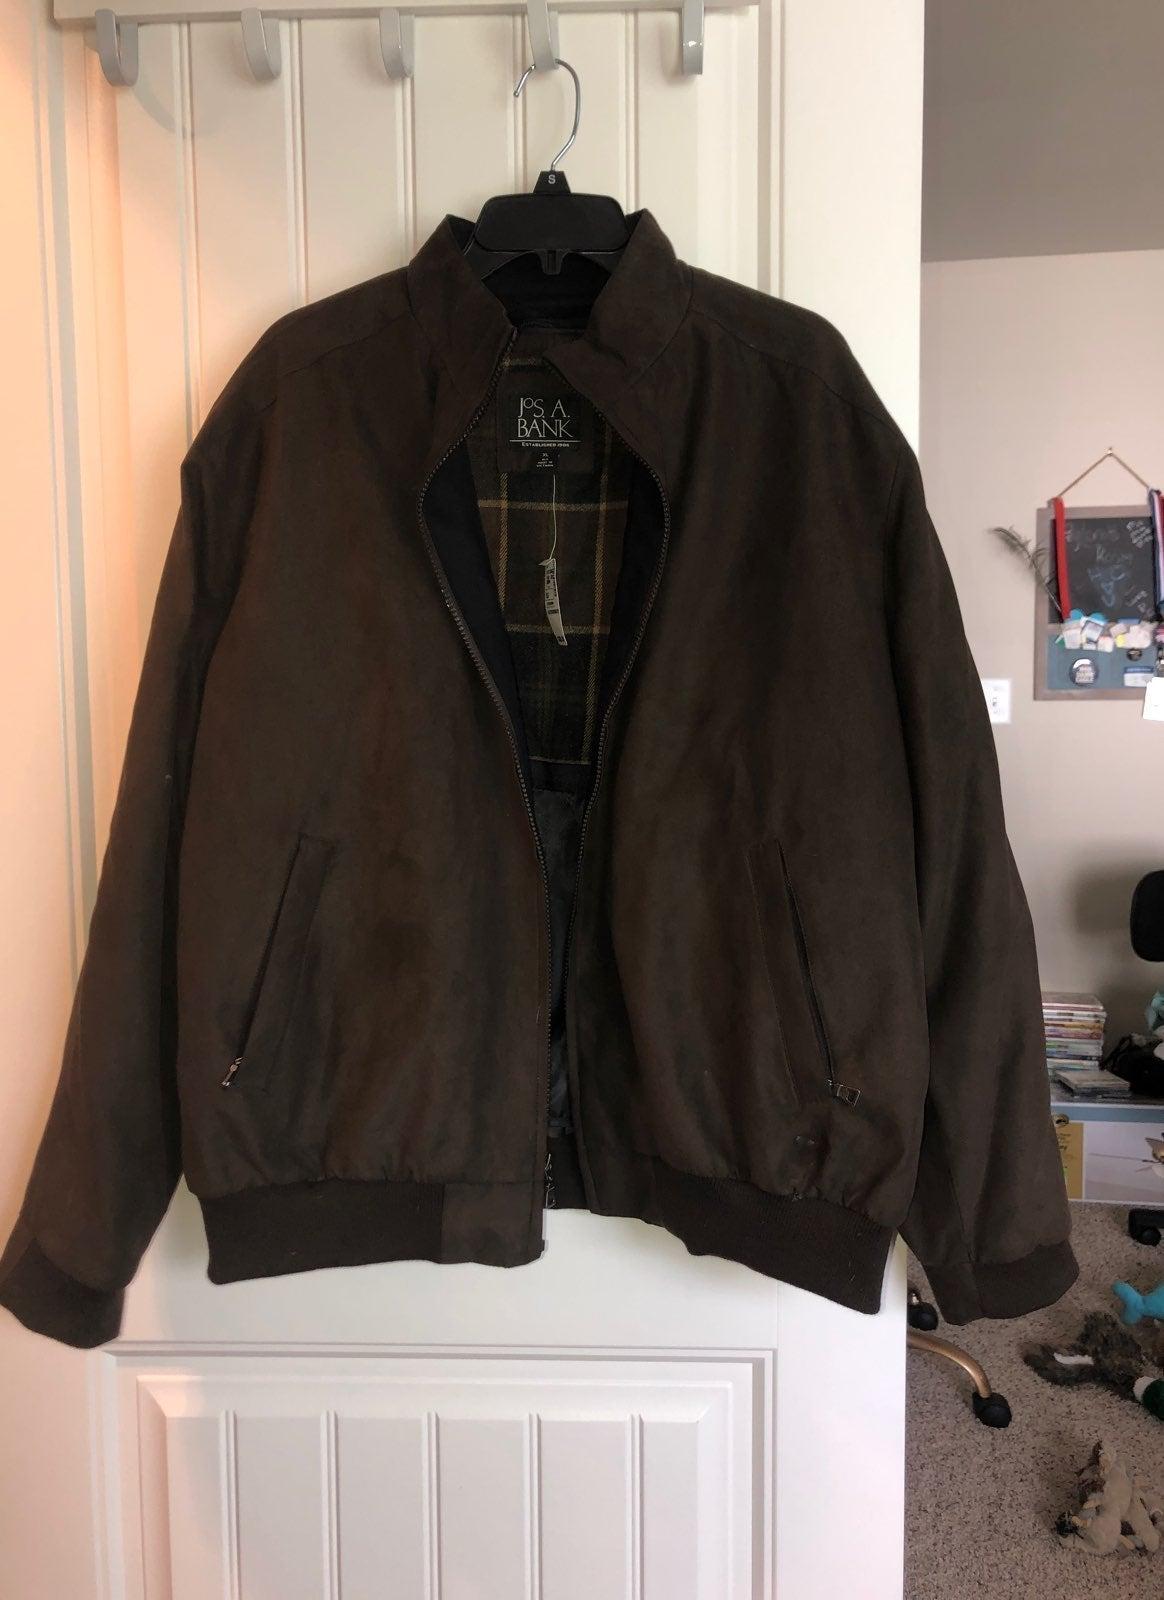 Jos. A. Bank Mens Bomber jacket